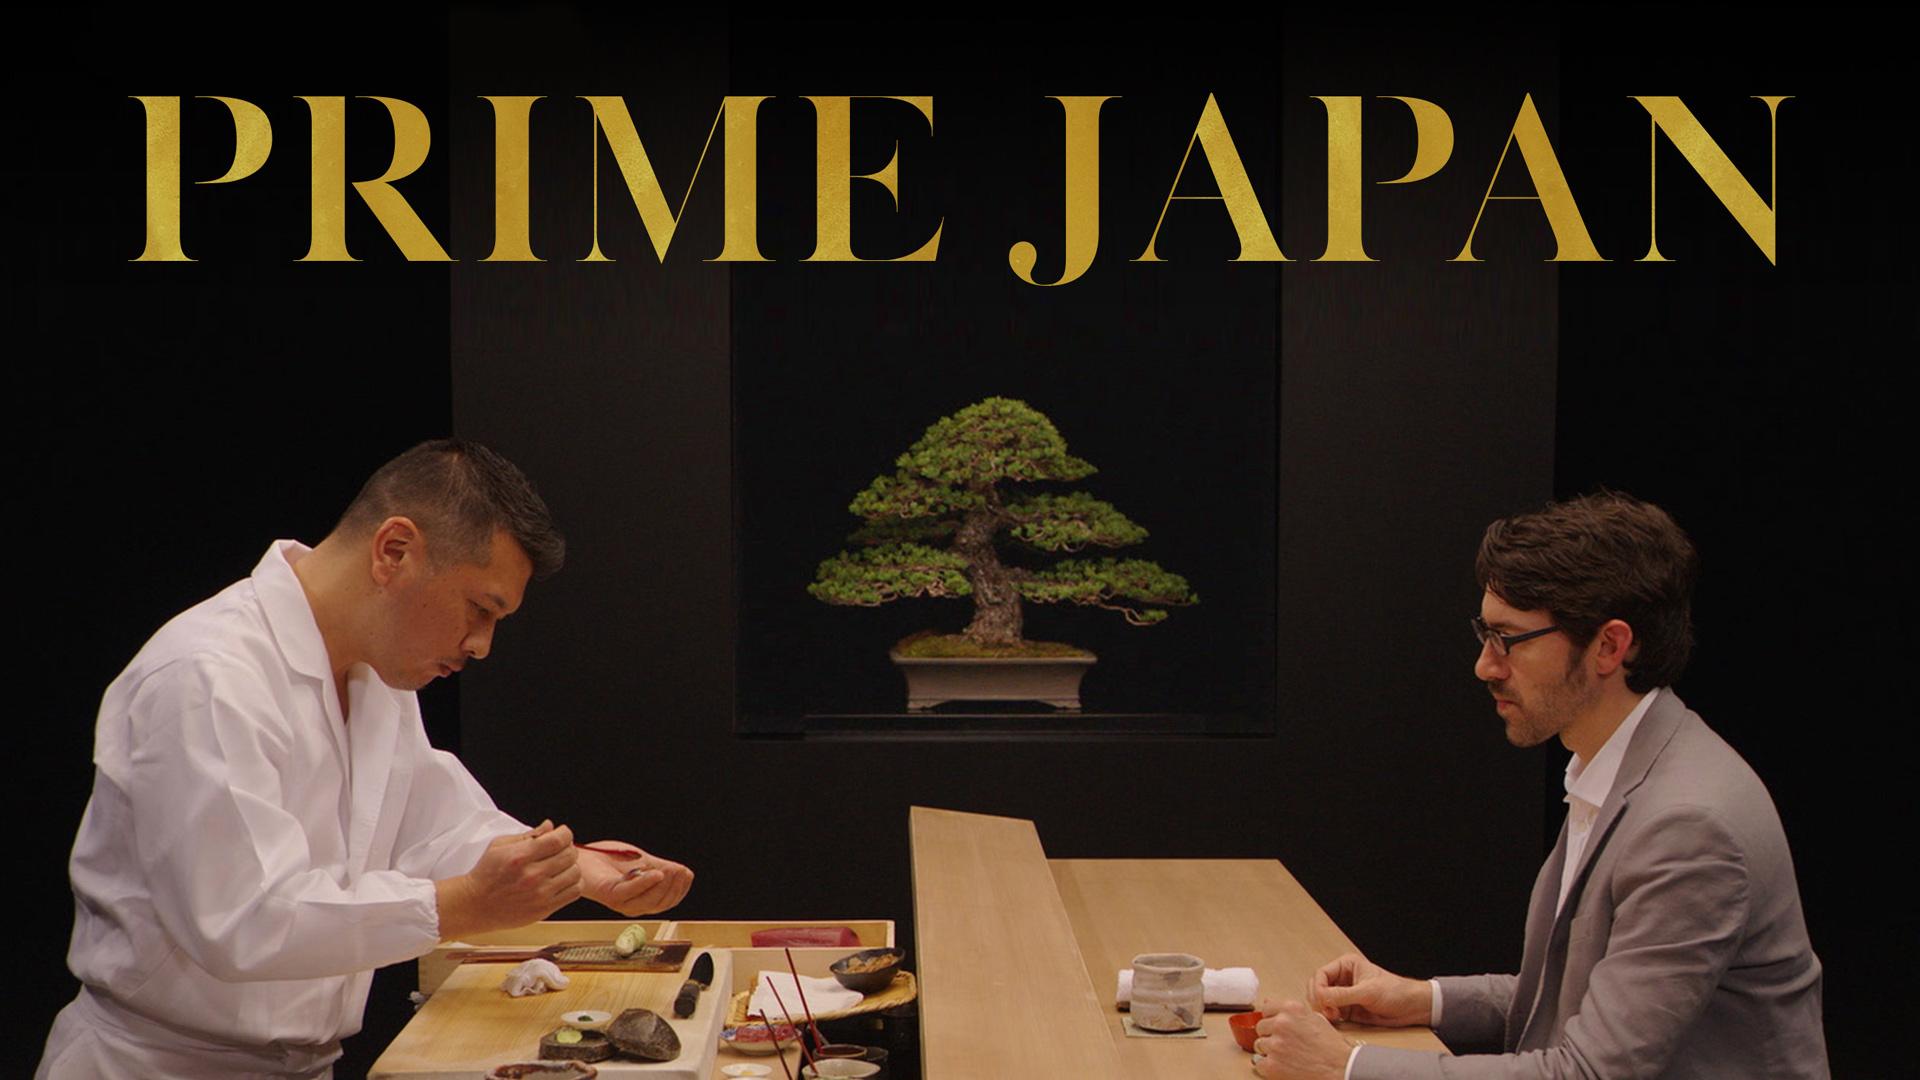 PRIME JAPAN (4K UHD)